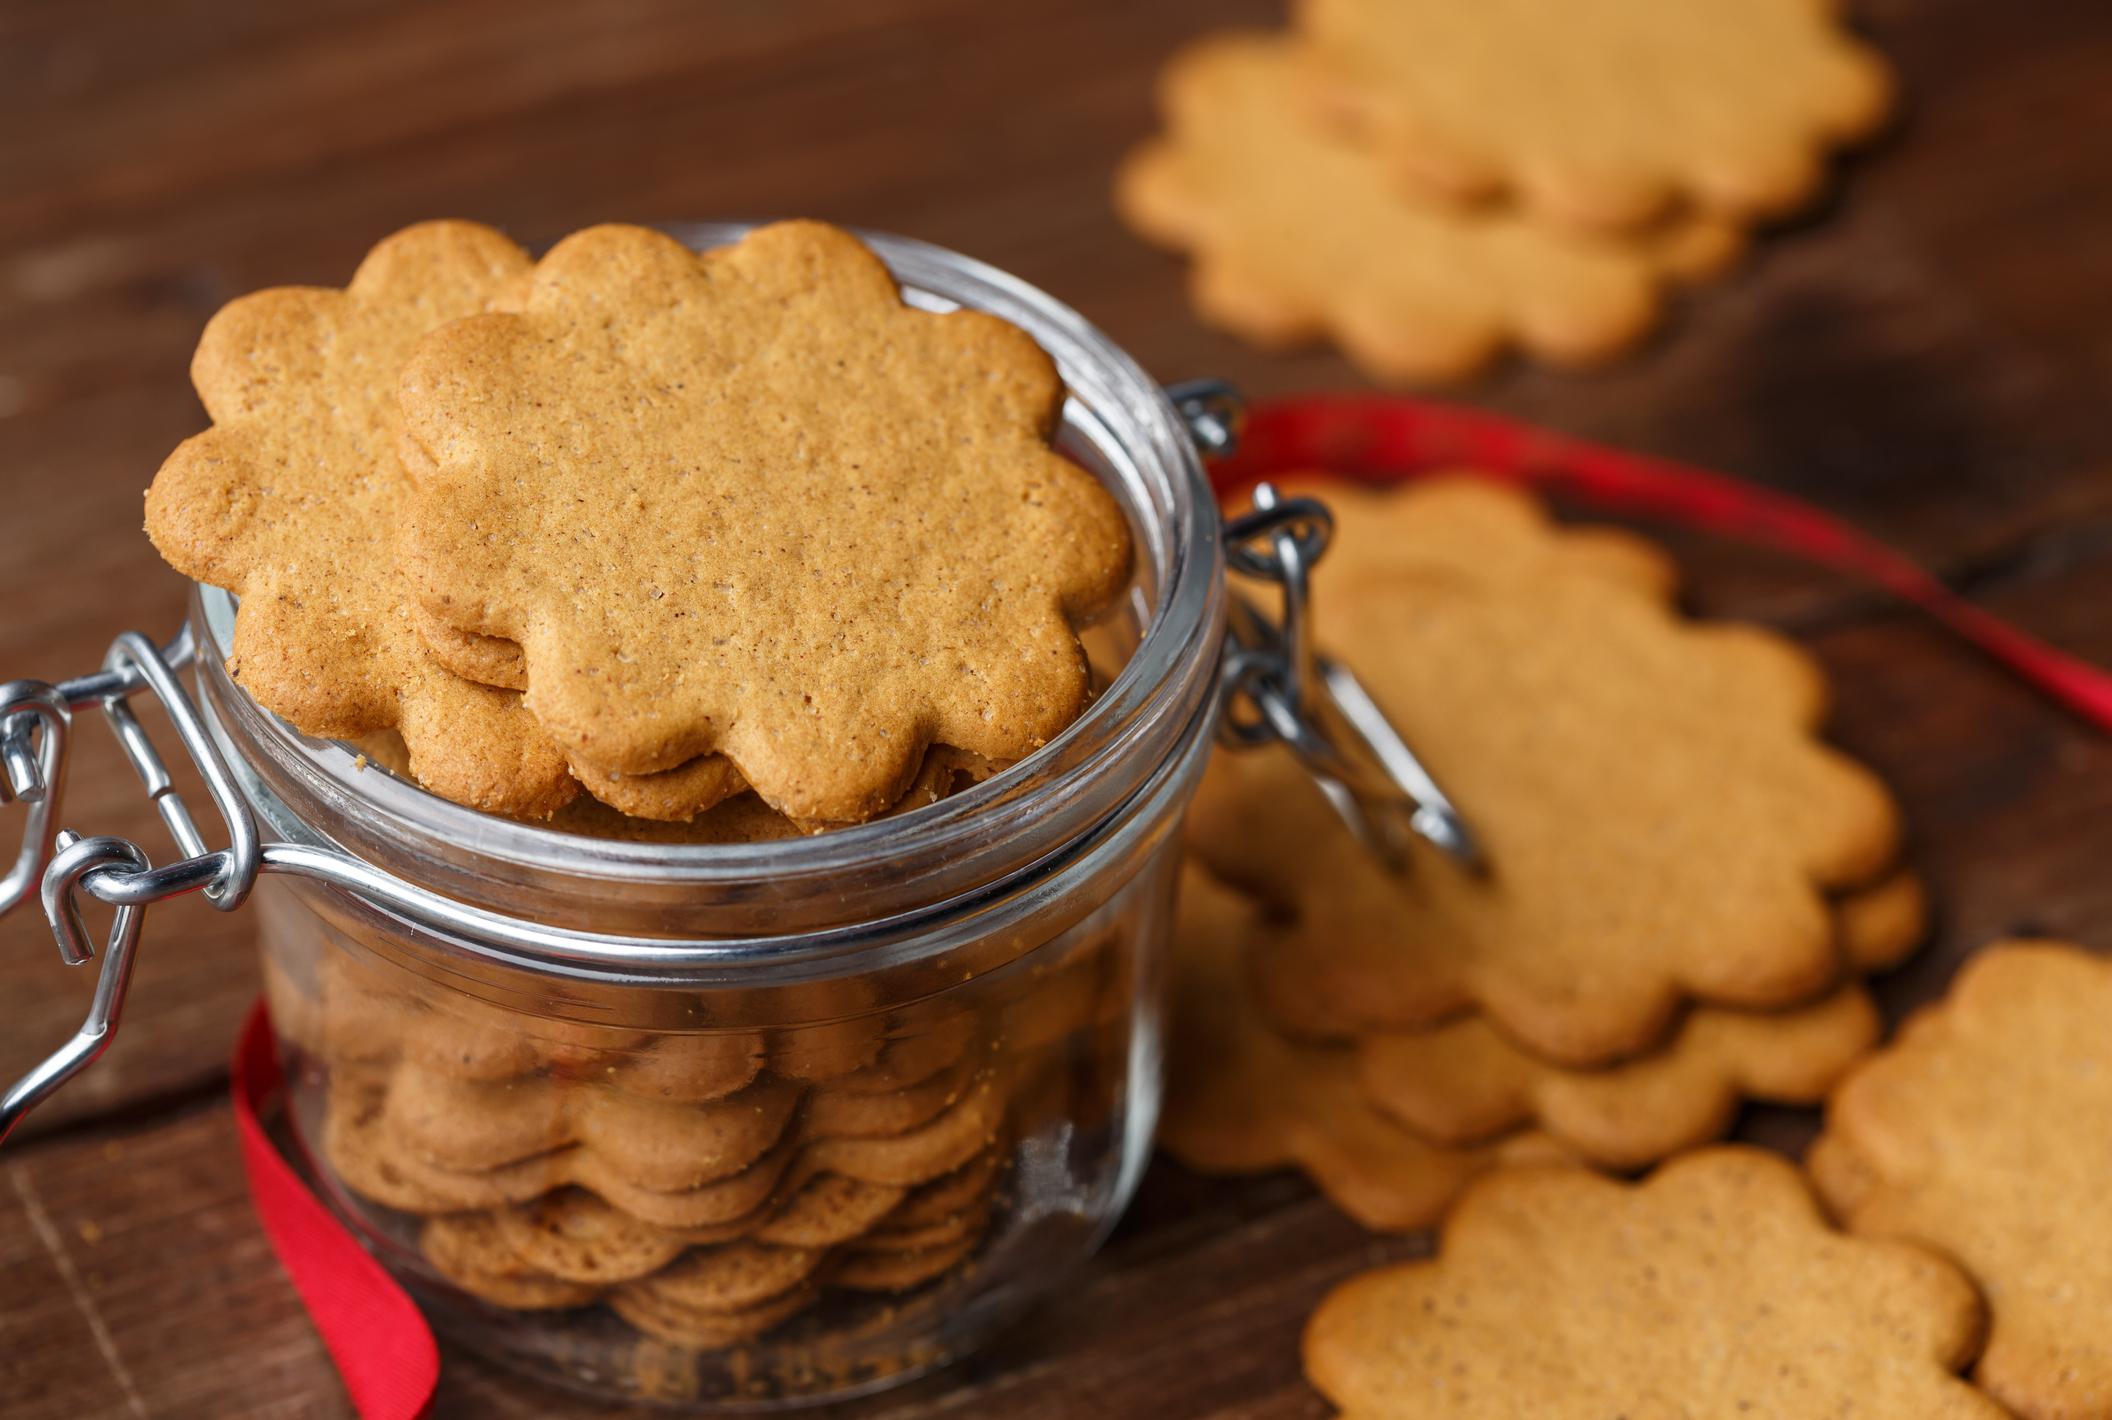 Vianočný recept na fit medovníky z mandľovej múky pre celiatikov? Upečte si s nami zdravé vianočné pečivo